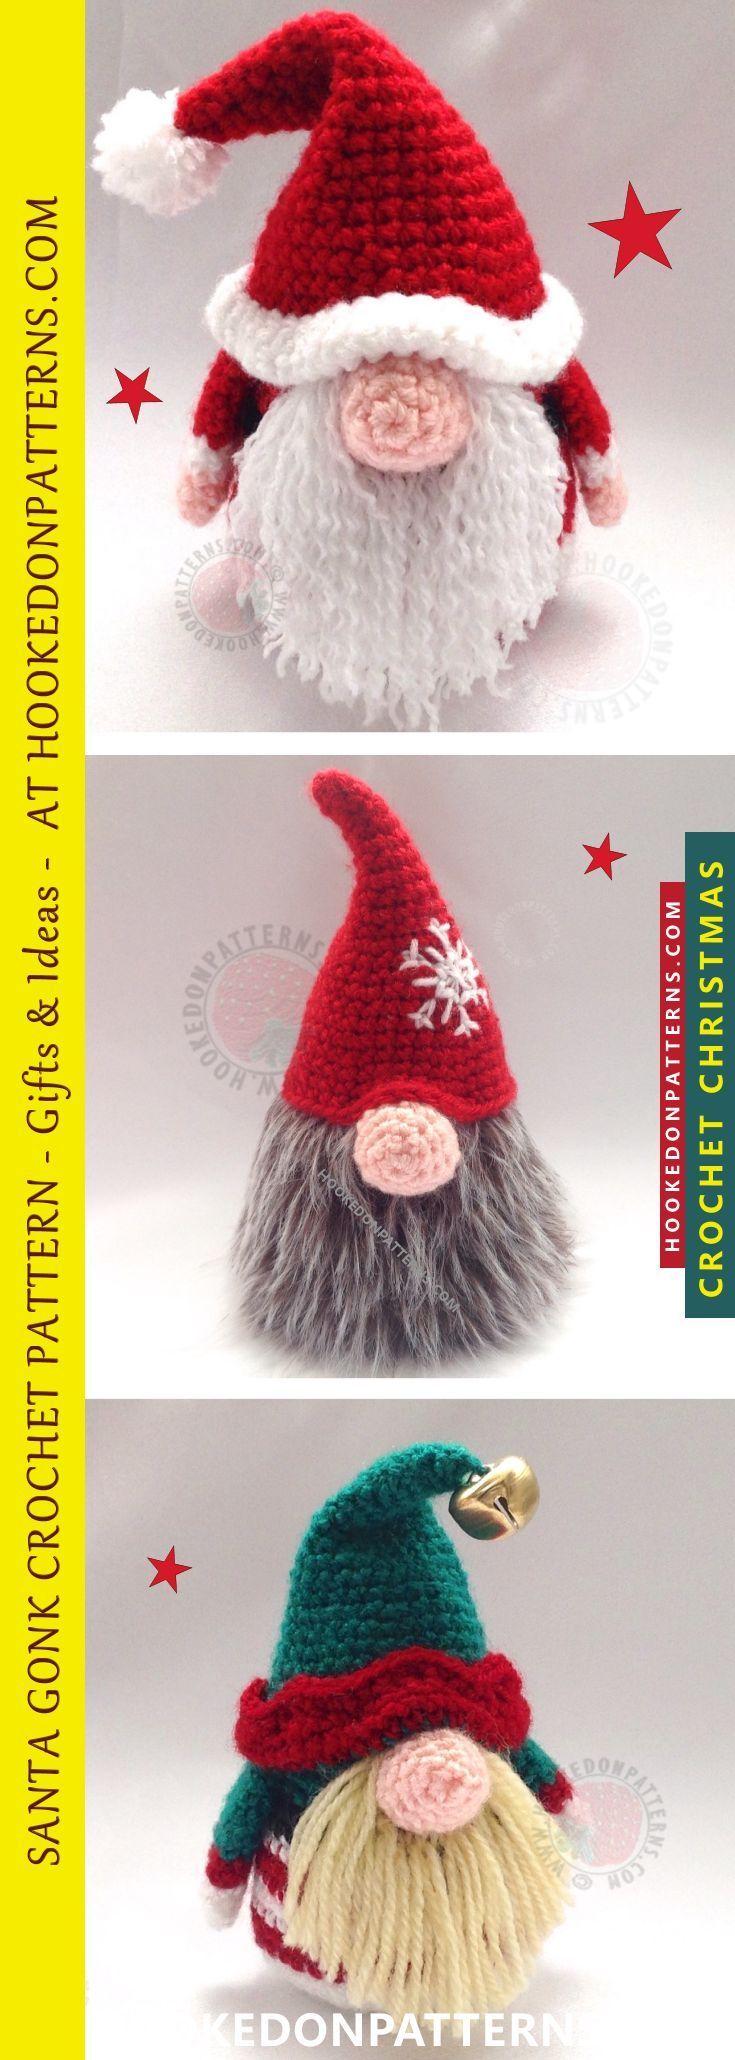 Das originelle Santa Gonk Häkelmuster. Eine süße Dekoration für den festlichen